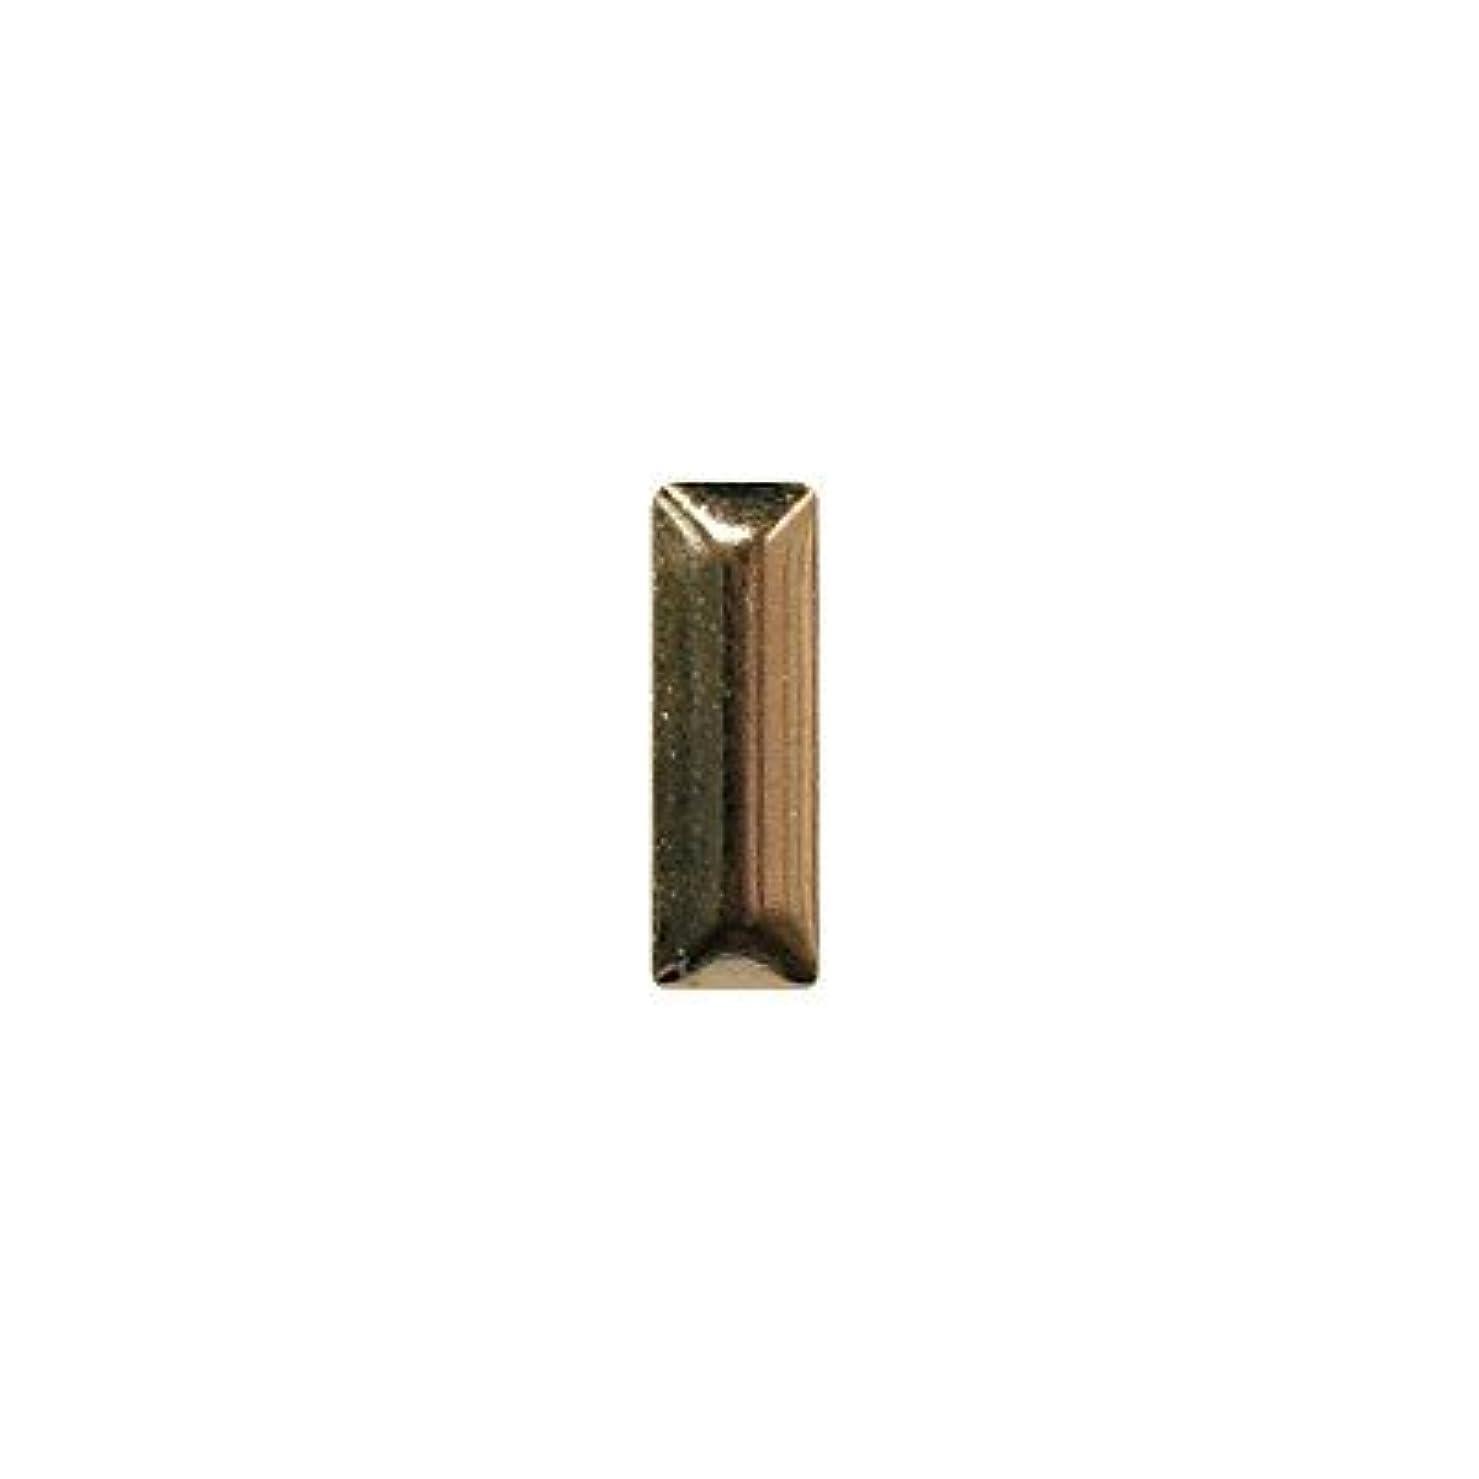 航空ヘルメット論争的ピアドラ スタッズ メタル長方形 2×6mm 50P ゴールド